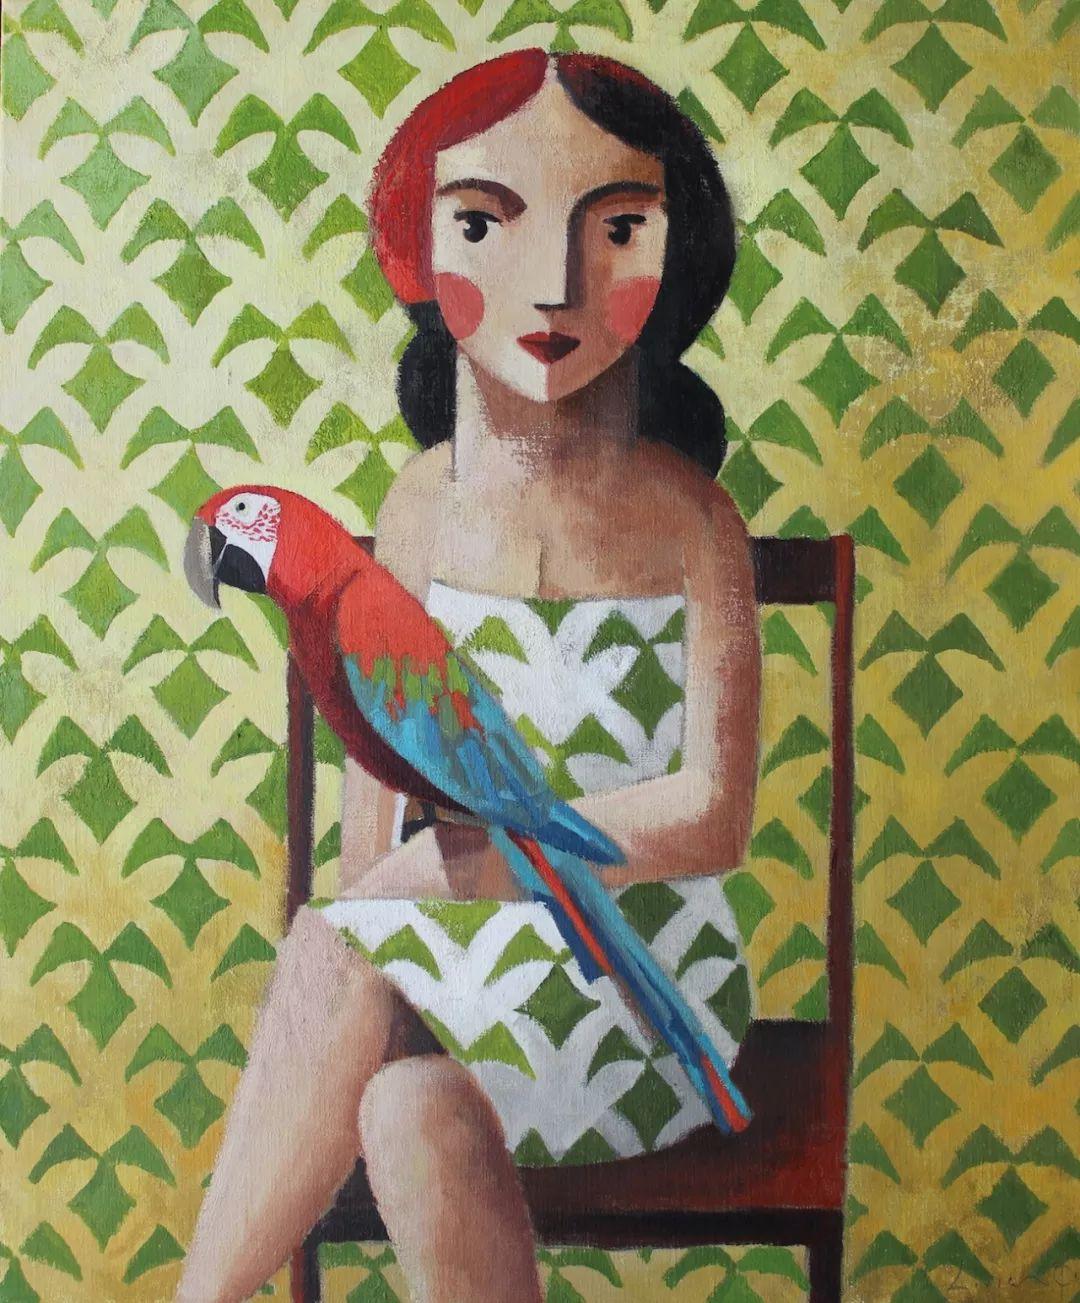 情感的表达,西班牙画家Didier Lourenço插图21